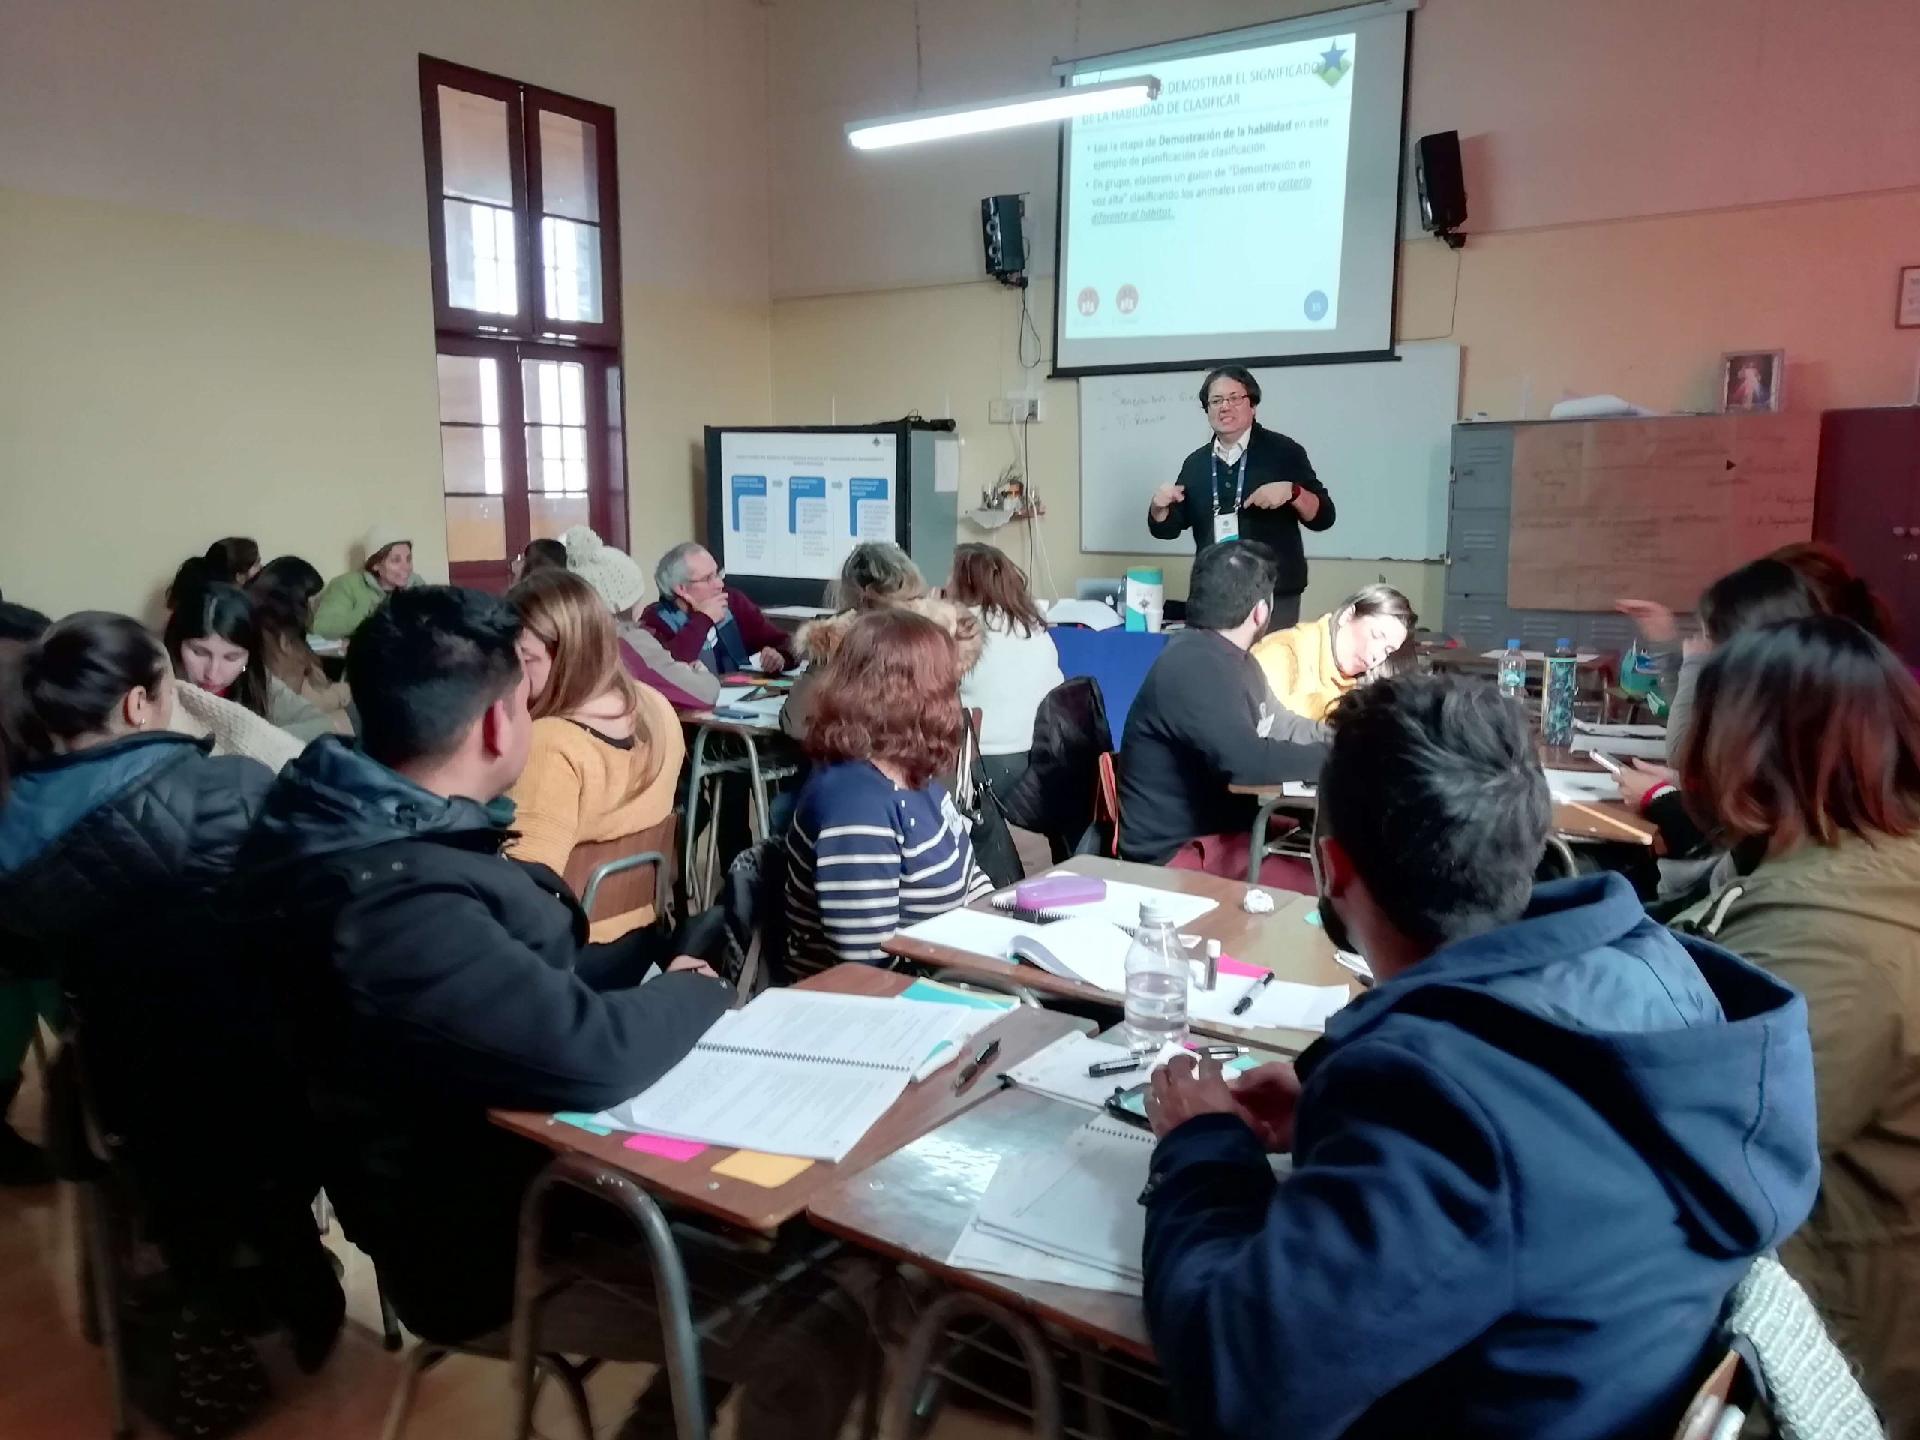 """Imagen noticia Nuevo curso  """"Observación y retroalimentación para el desarrollo inicial docente"""". Exclusivo para profesores CPEIP"""